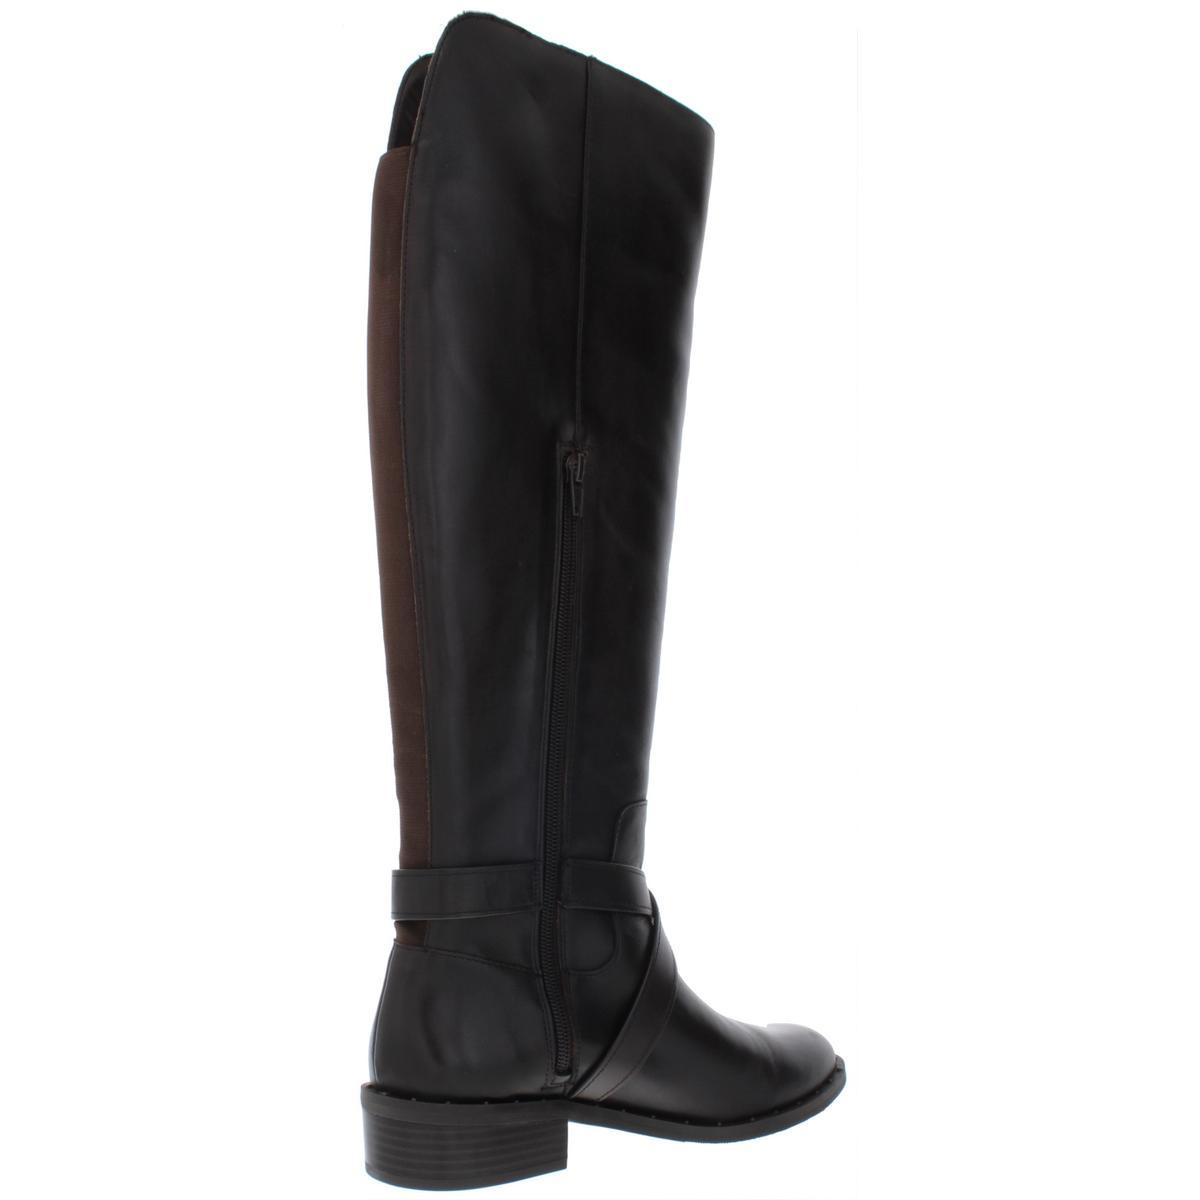 Inclus pour femme Fadora en cuir cloutées Bottes cavalières hautes chaussures BHFO 0767